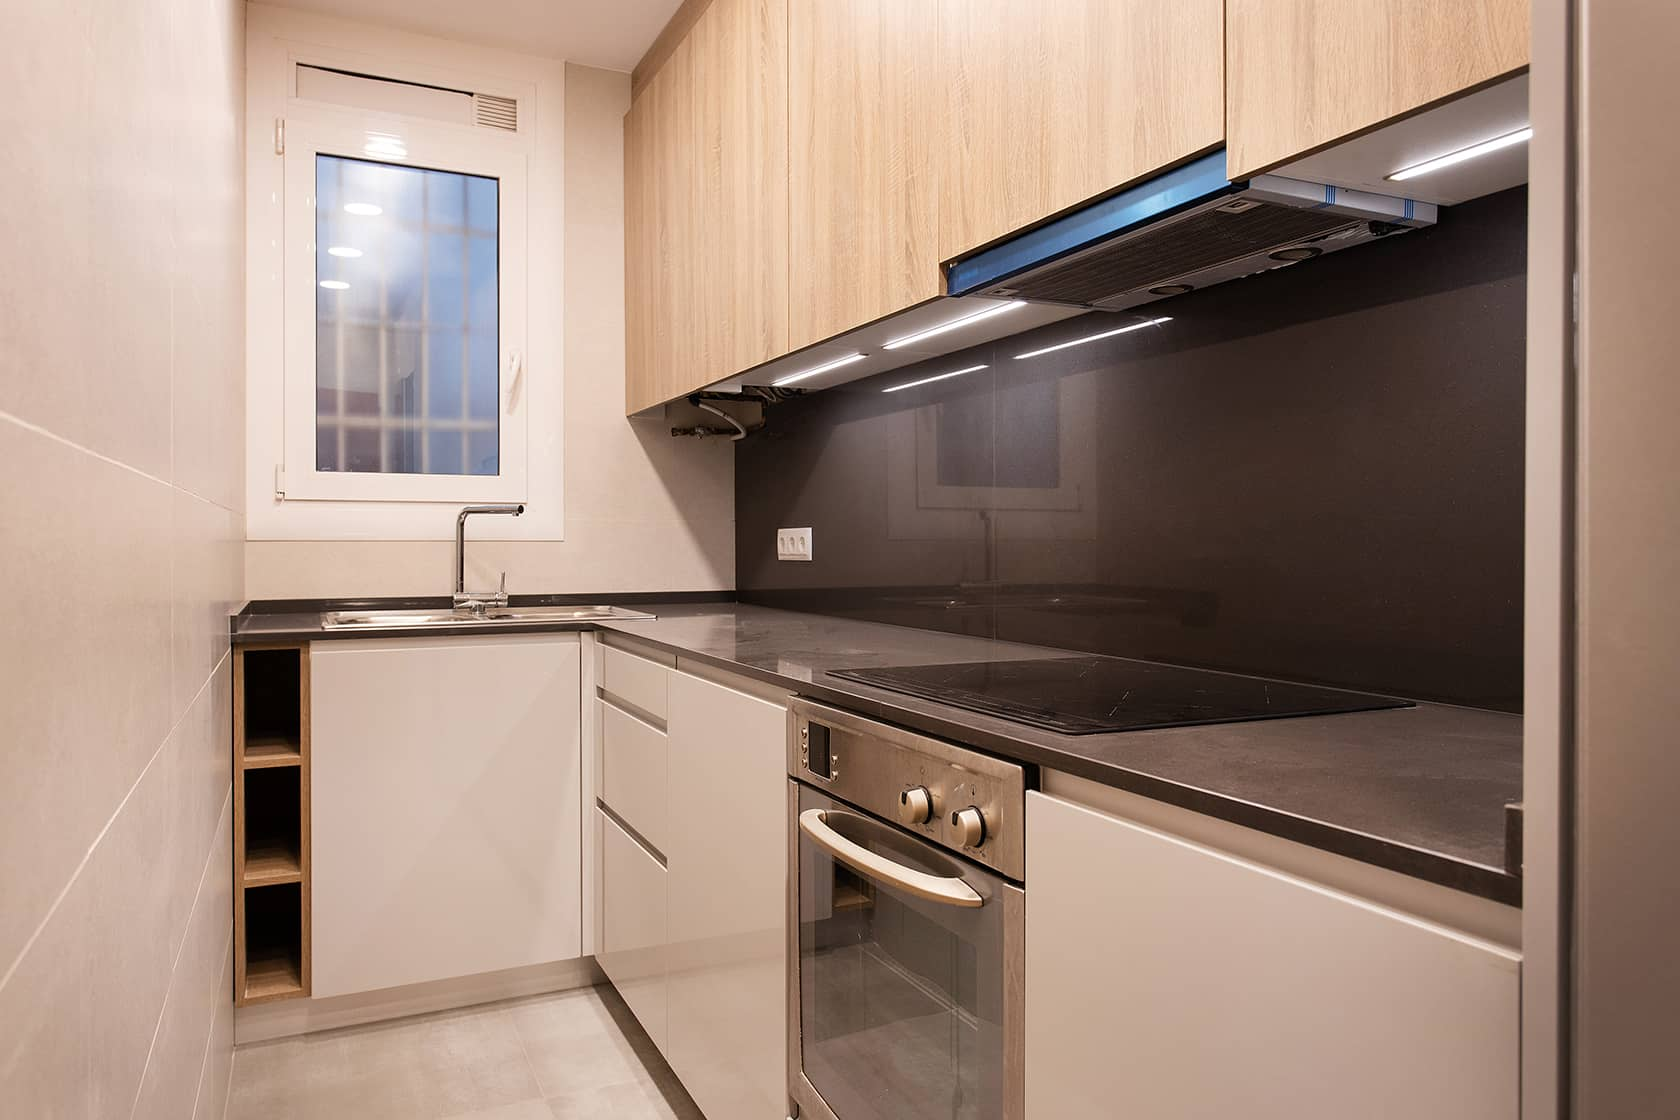 cocina reformada en metalizado